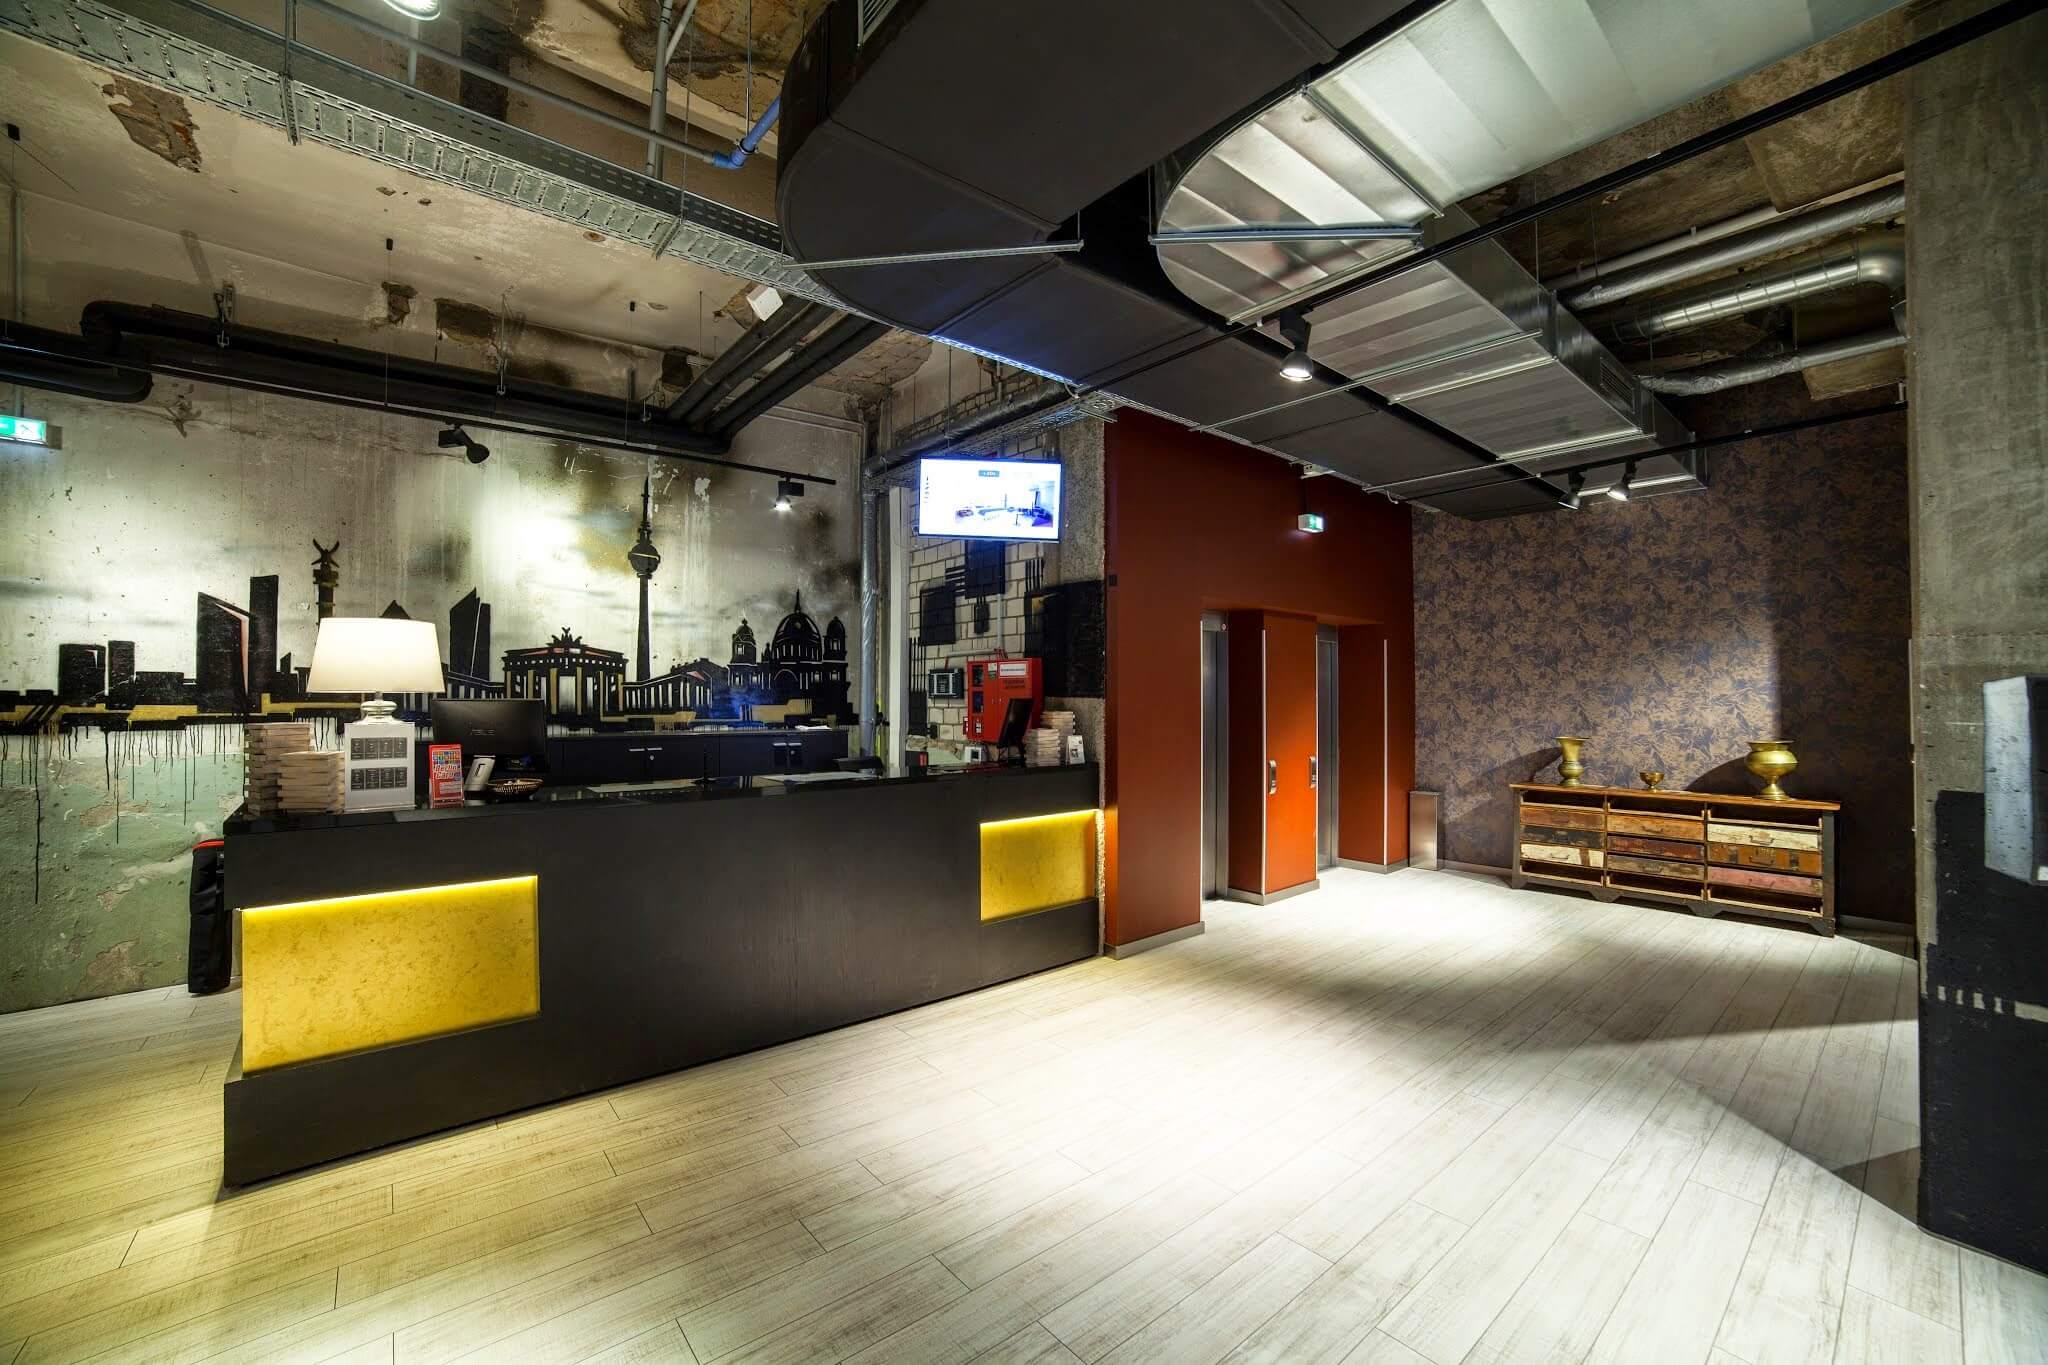 Hotel studio design - Comunicación para el nuevo Hotel Berlin Mitte